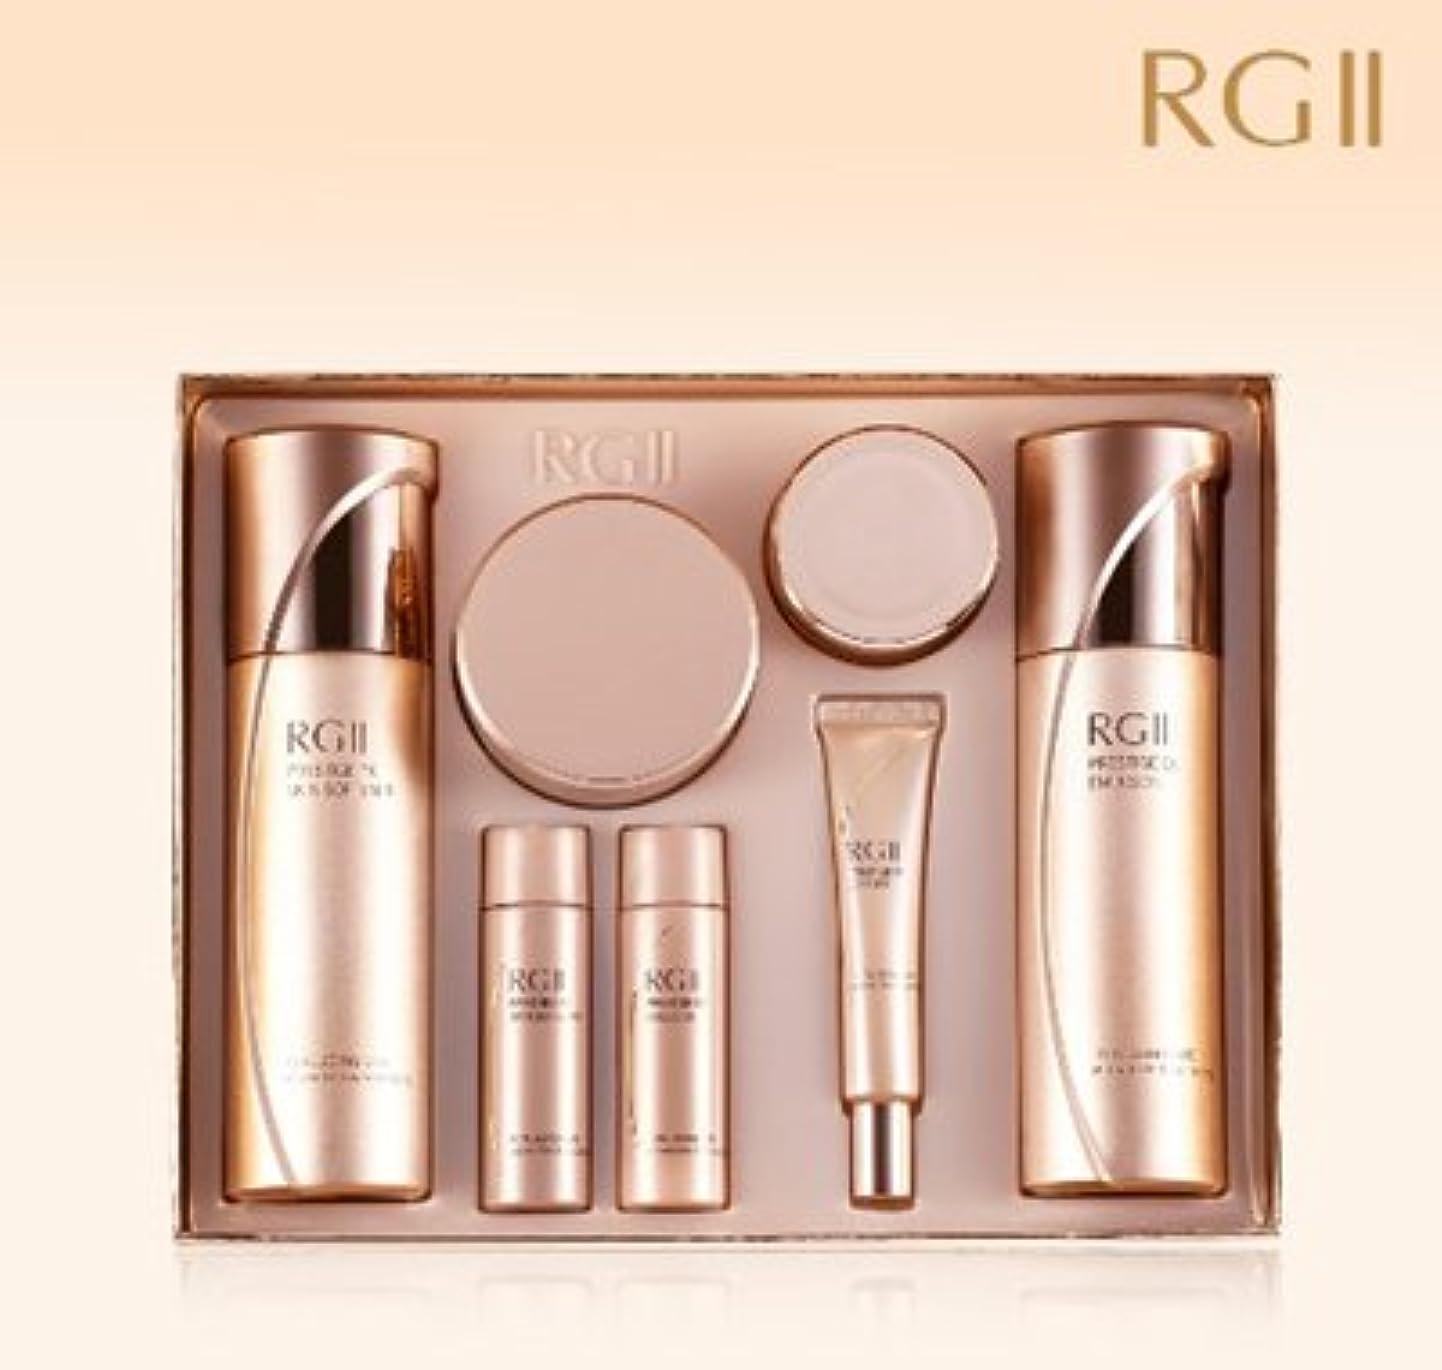 ナラーバー観光に行く健全多娜嫺[Danahan] RGll Prestige EX Skin Care 3pcs Set RGll プレステージ EX スキンケア 3種セット